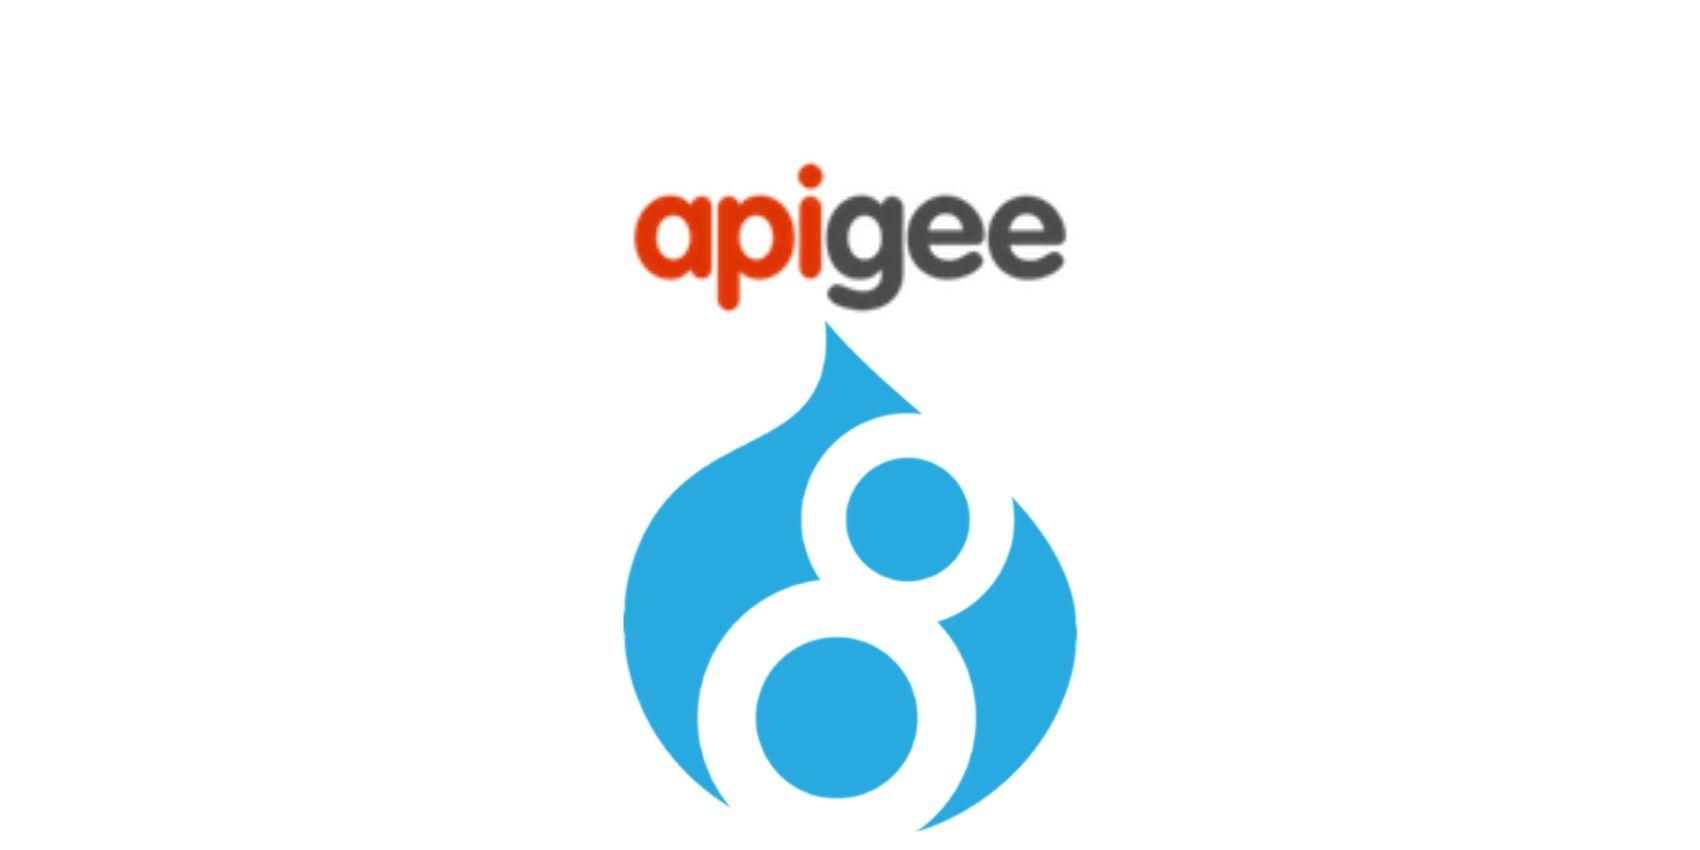 Next Steps to Securing your Apigee Drupal 7 Developer Portal